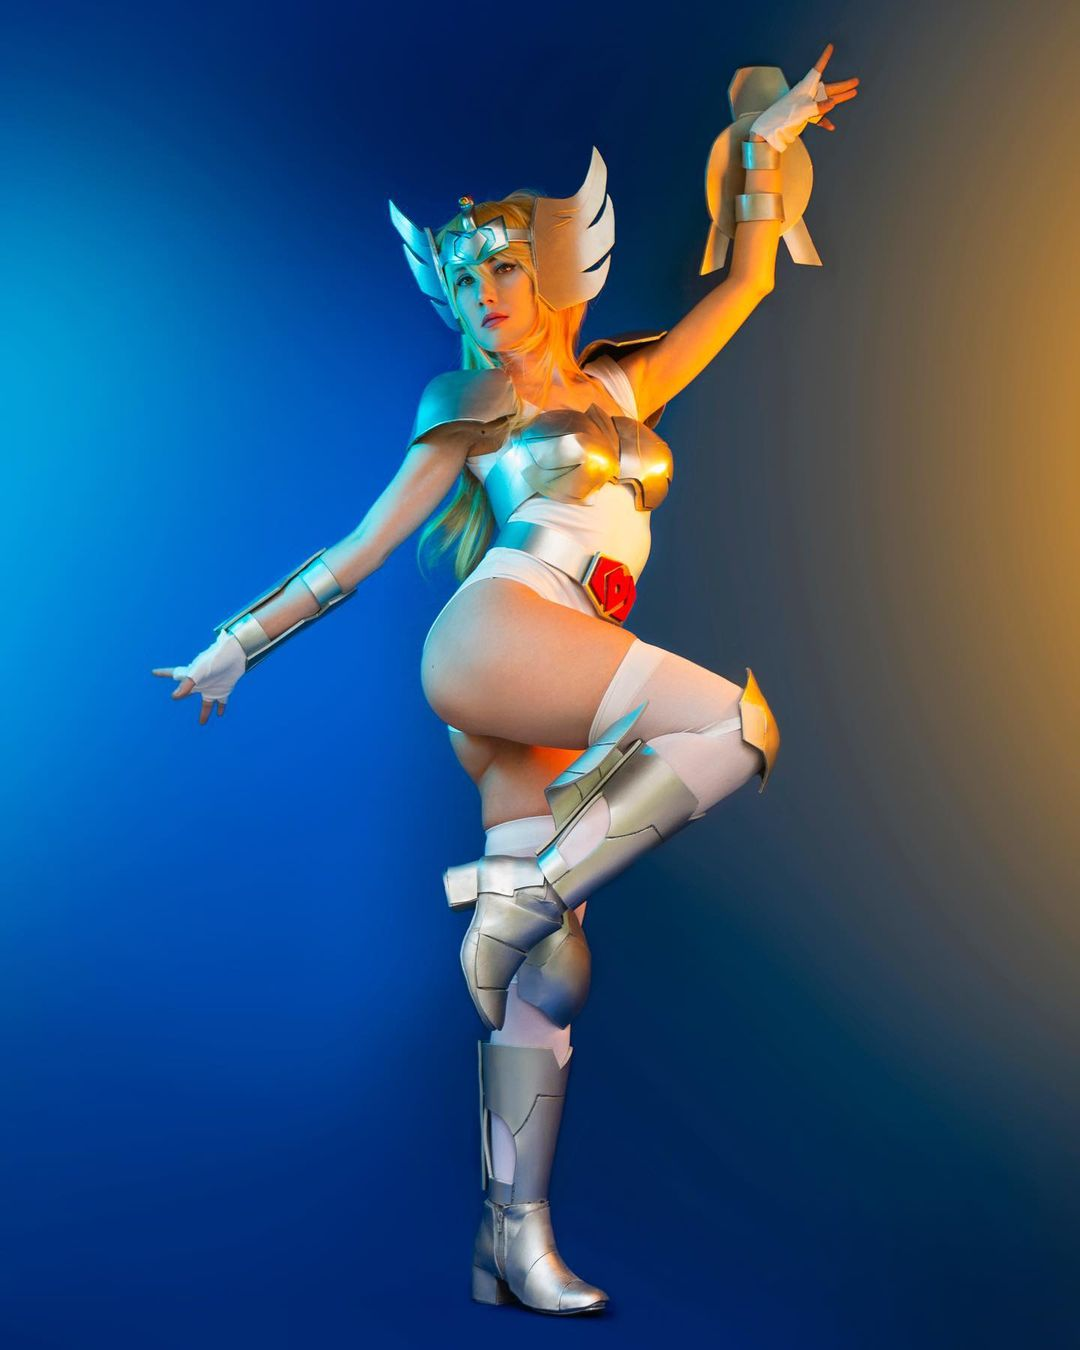 saint seiya caballeros zodiaco hyoga cisne cosplay femenino instagram